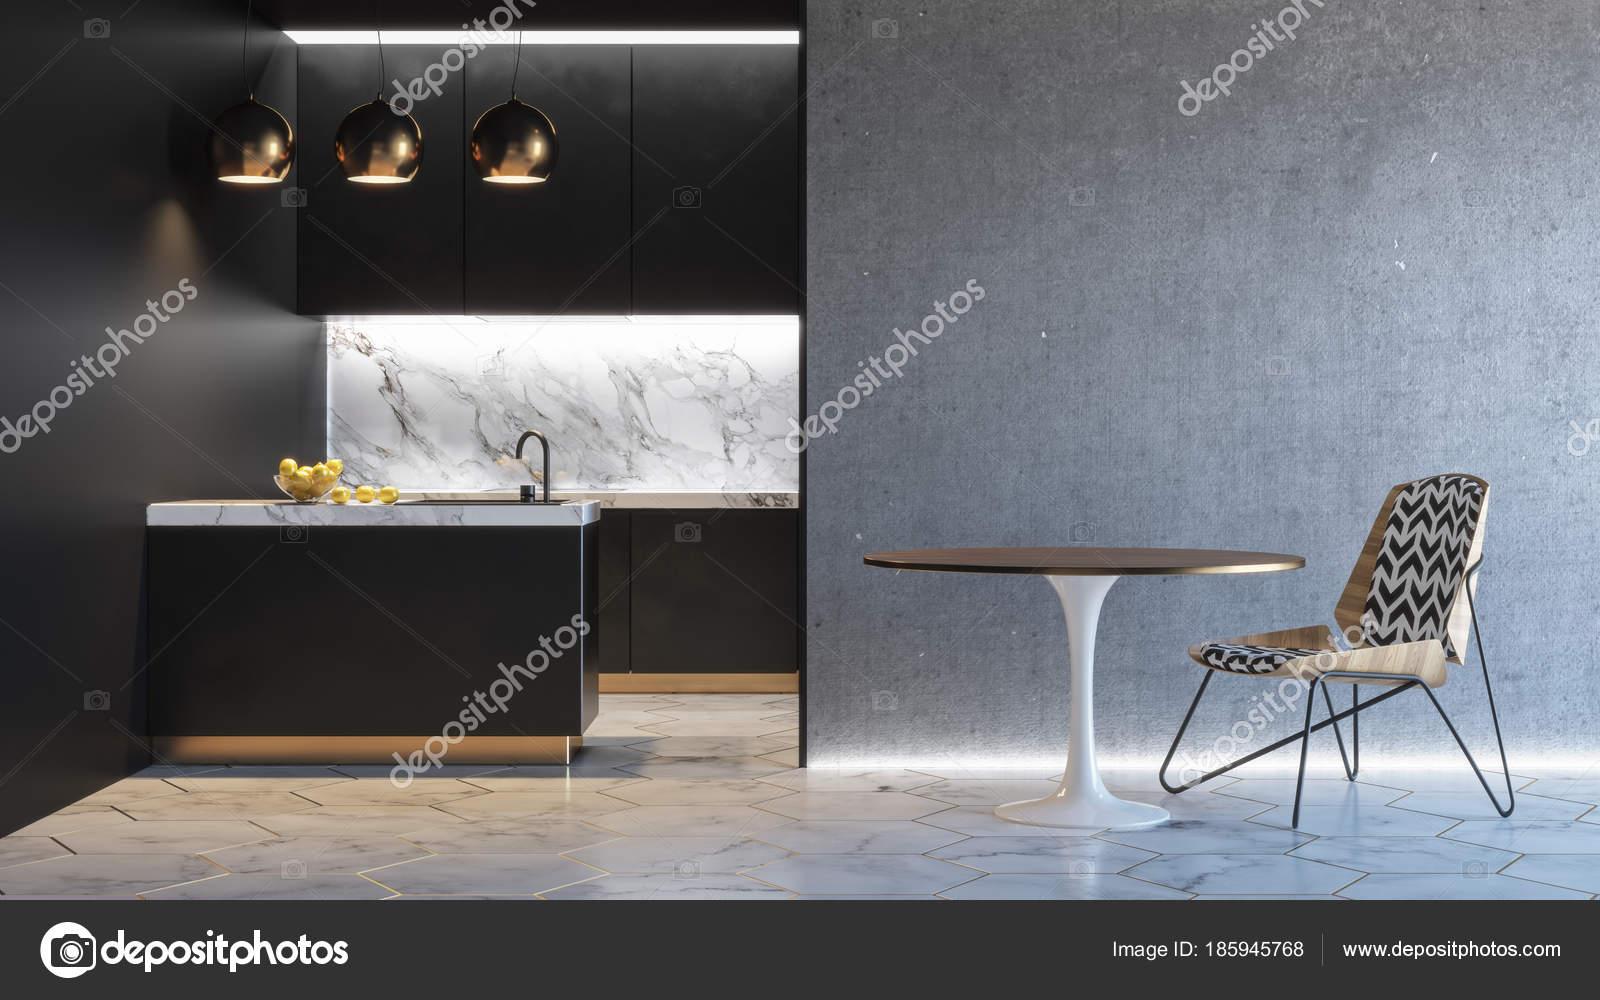 Keuken zwarte minimalistische interieur d render illustratie